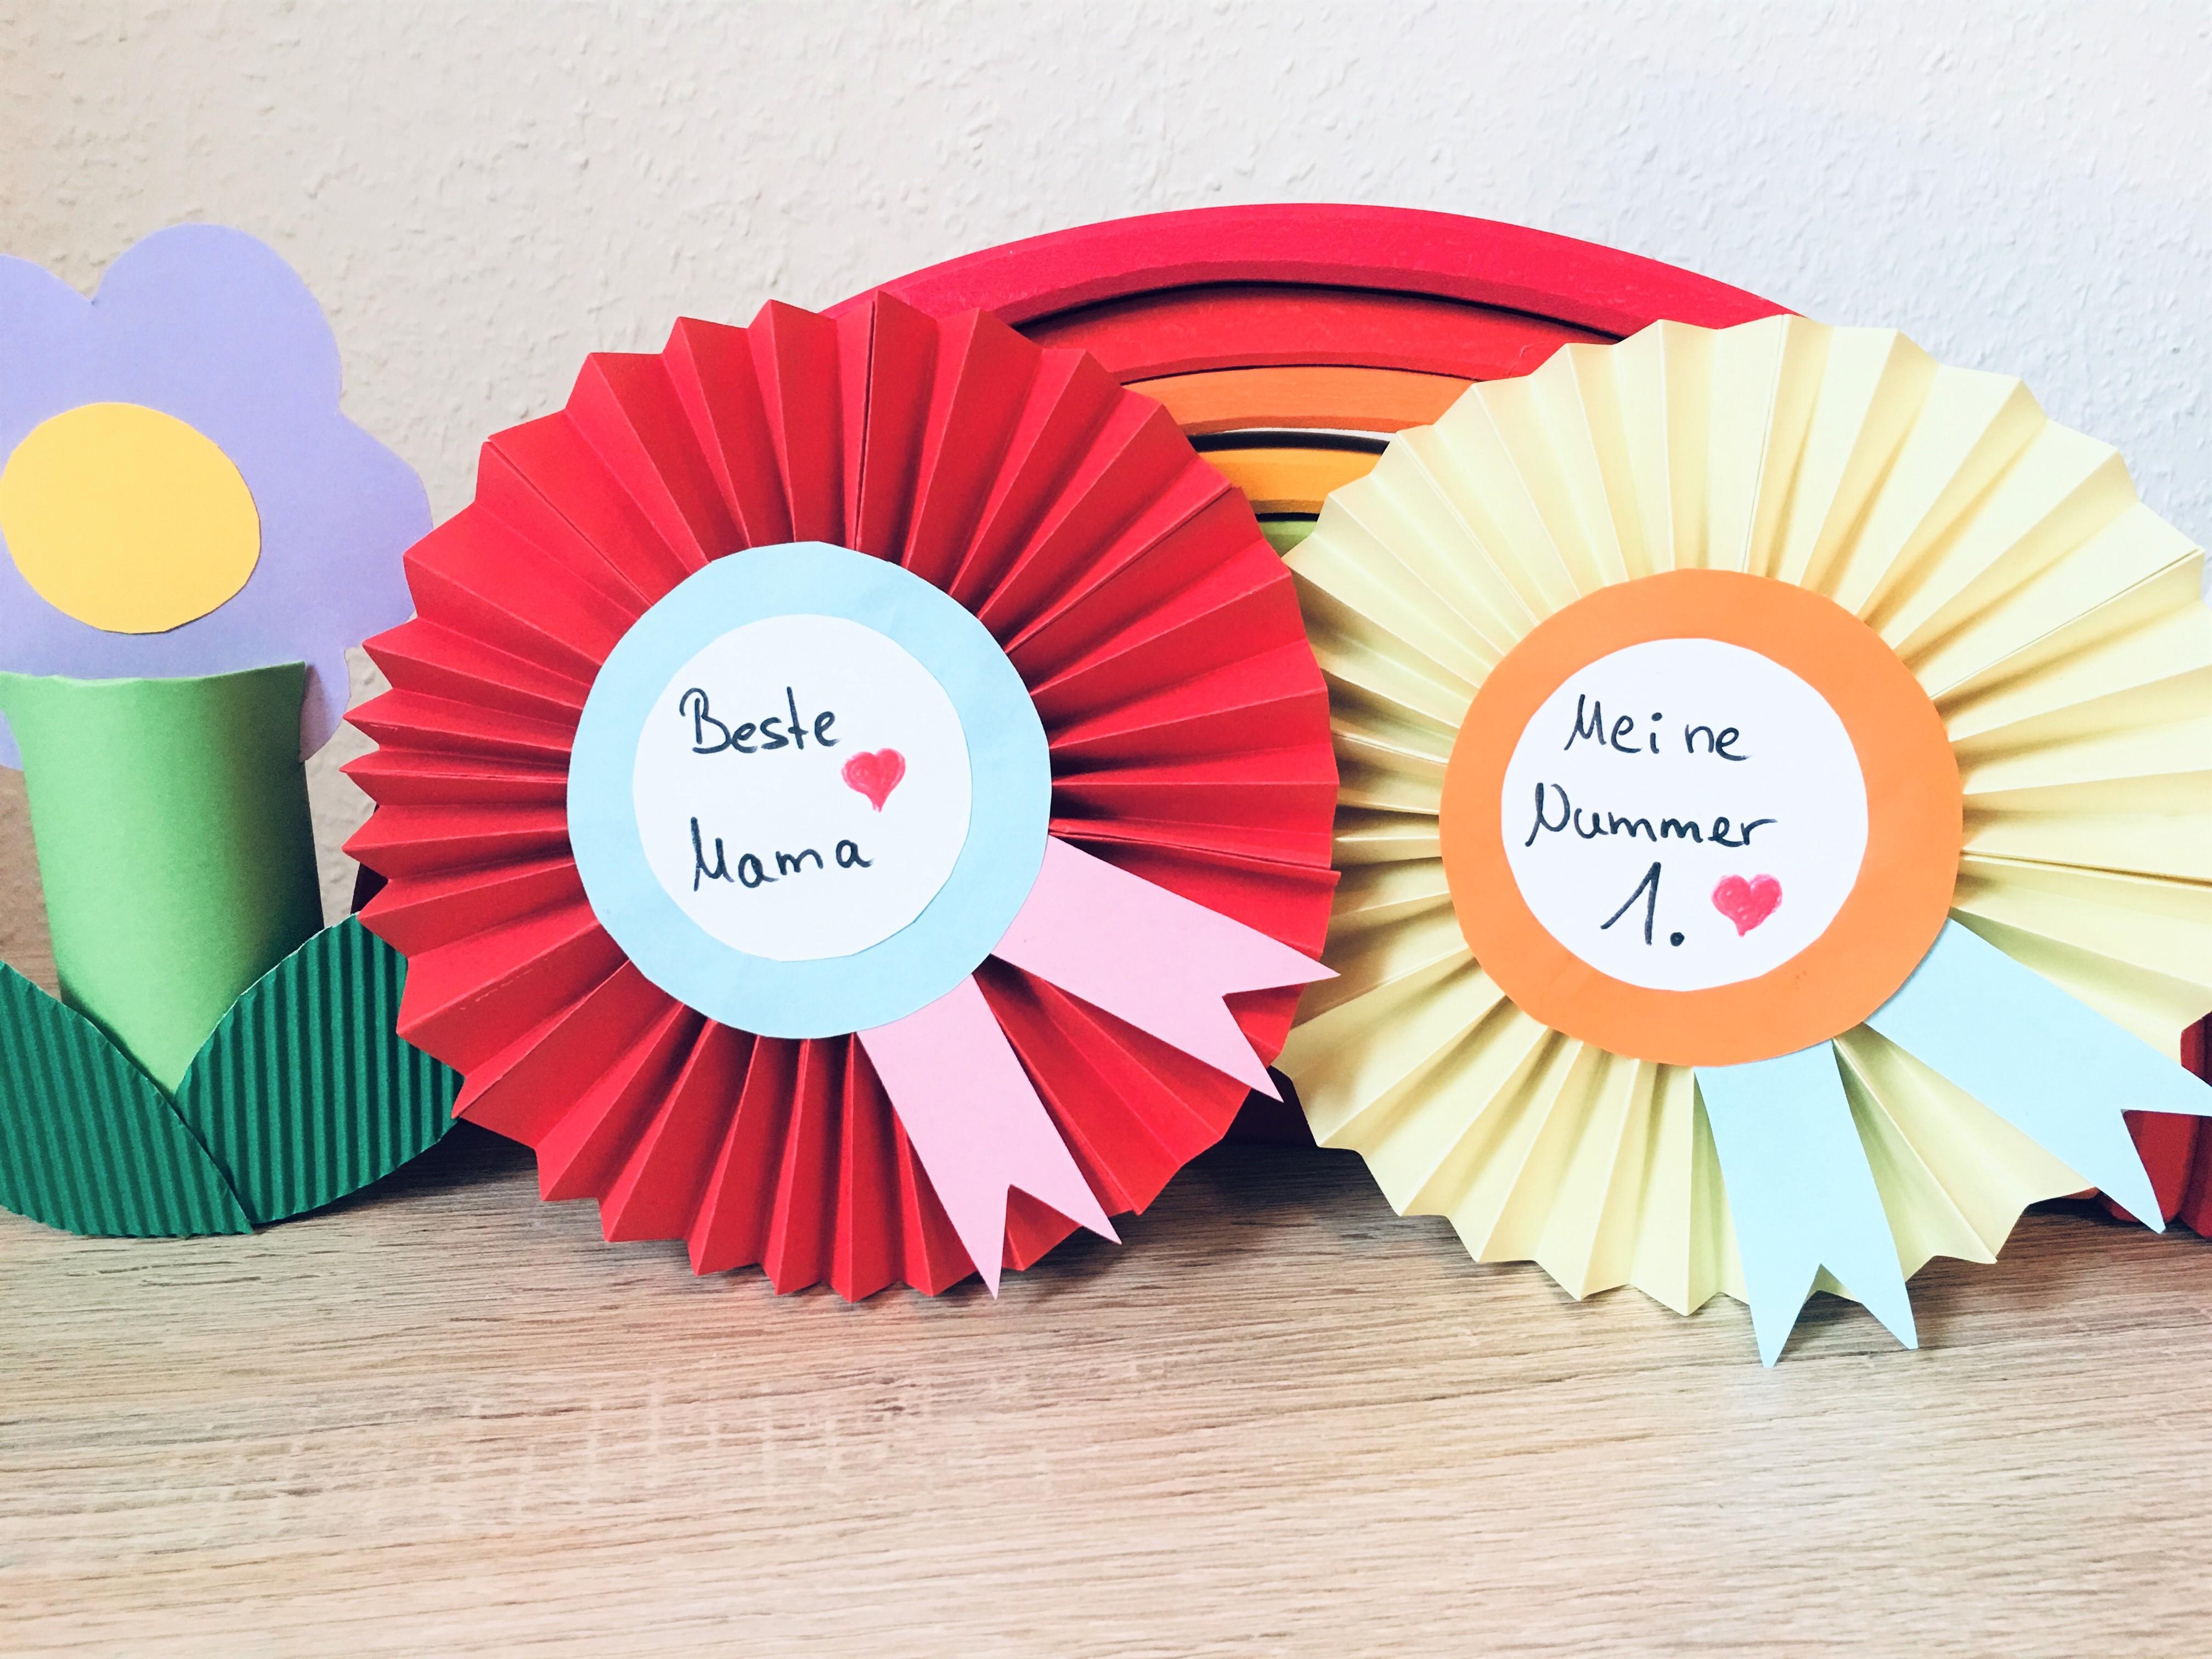 Weihnachtsbasteln Papier.Orden Aus Papier Basteln Basteln Für Muttertag Der Familienblog